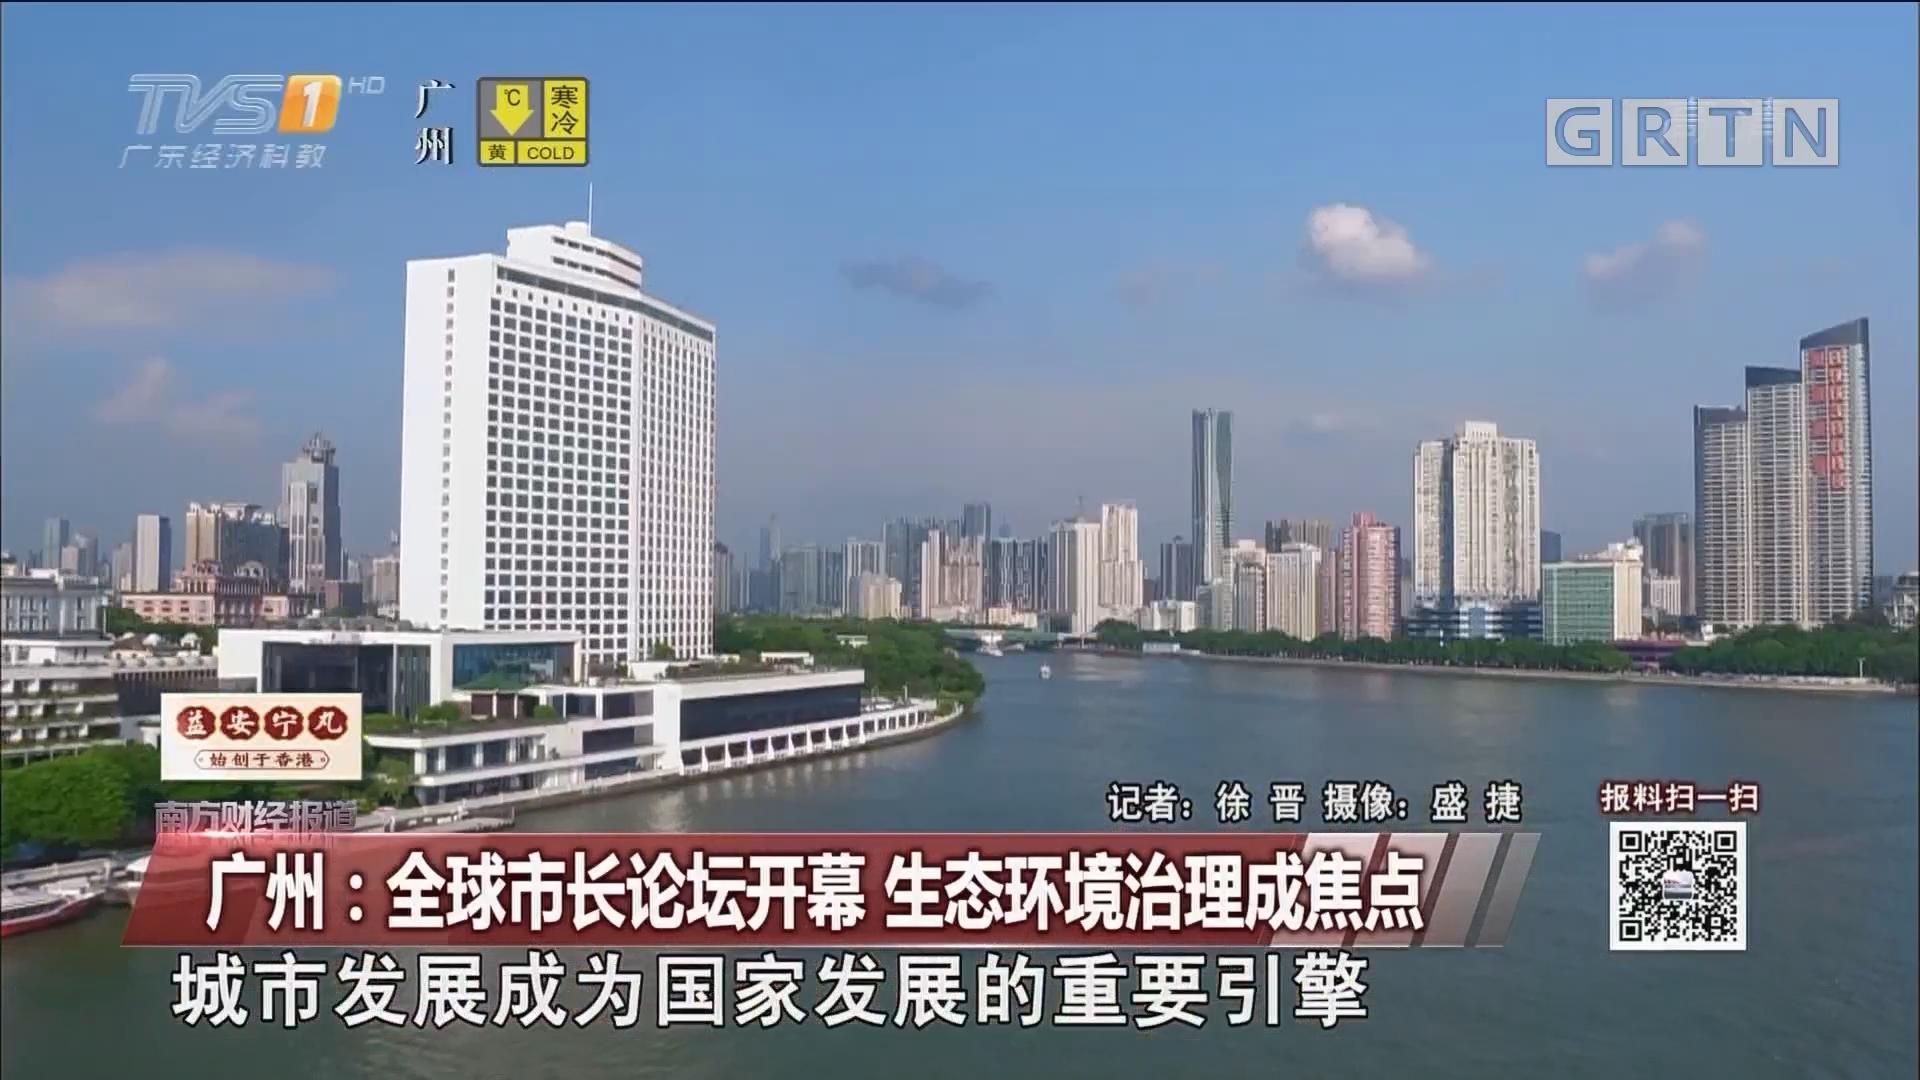 广州:全球市长论坛开幕 生态环境治理成焦点